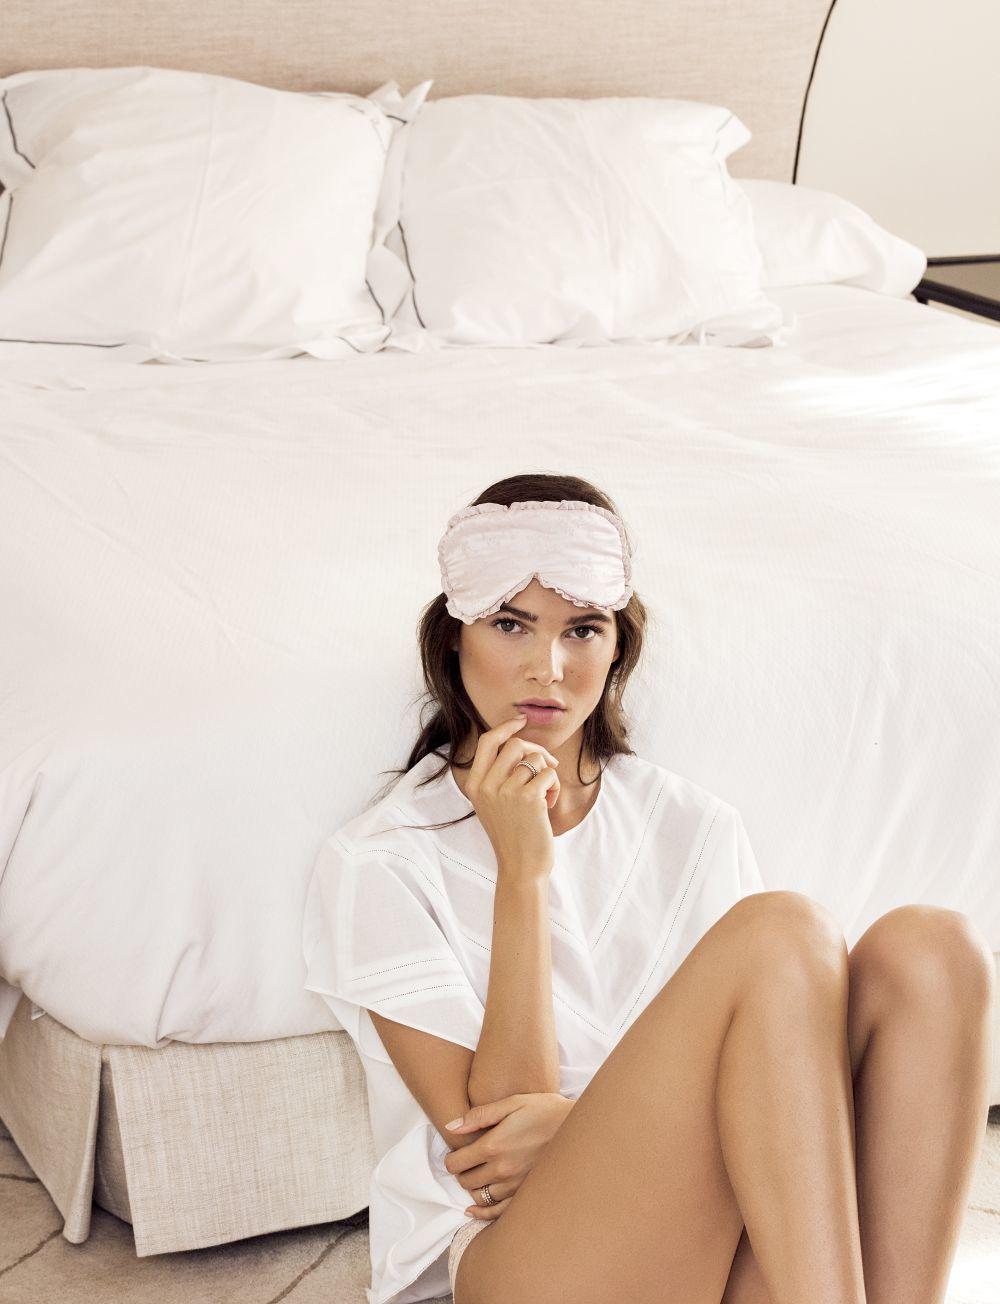 En los días de más estrés como los que atravesamos, intenta aprovechar las virtudes de 20 minutos de siesta al día.